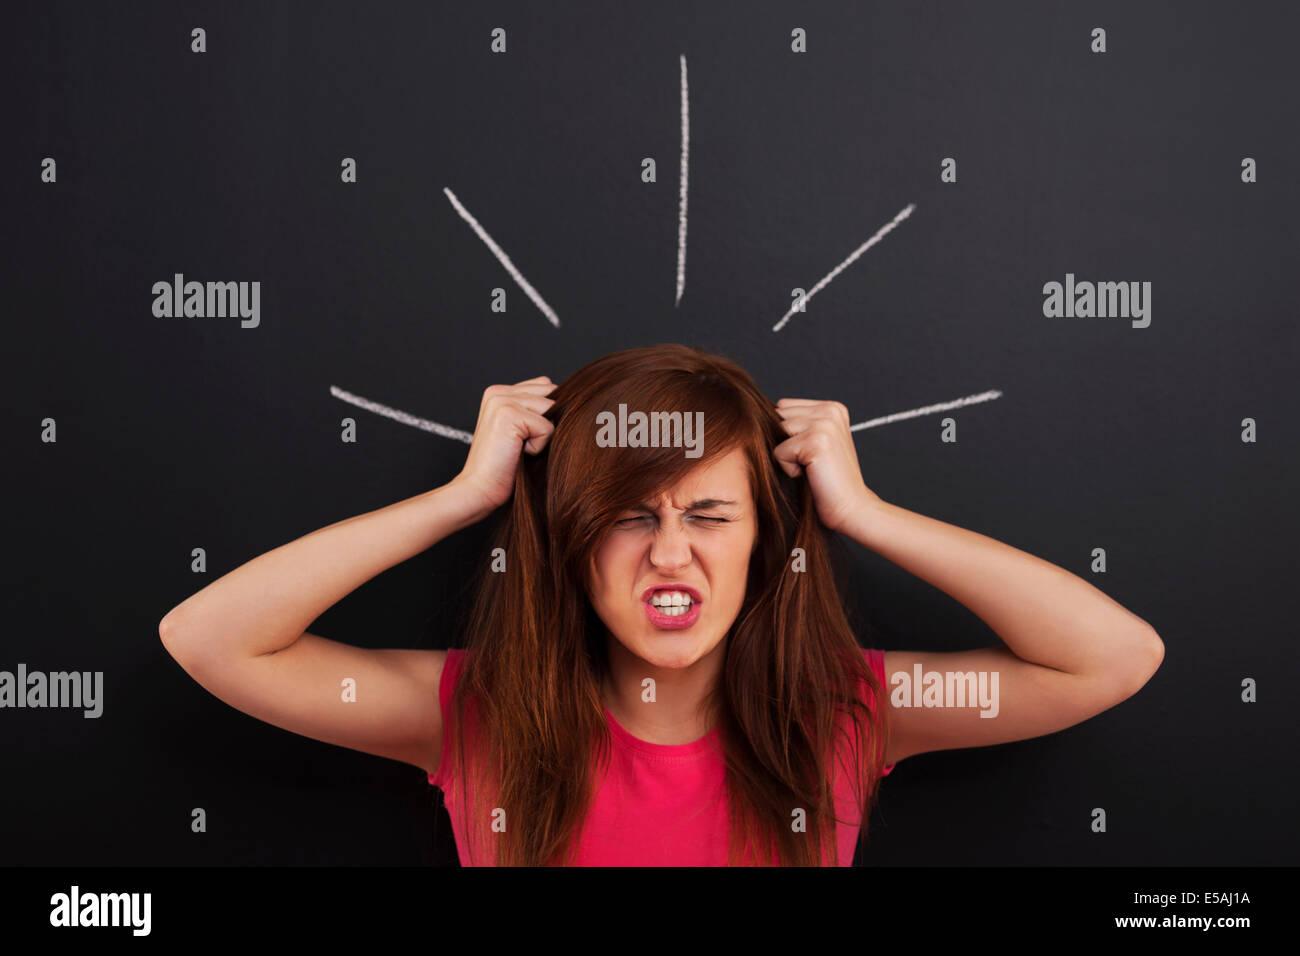 Stressful day, Debica, Poland Stock Photo